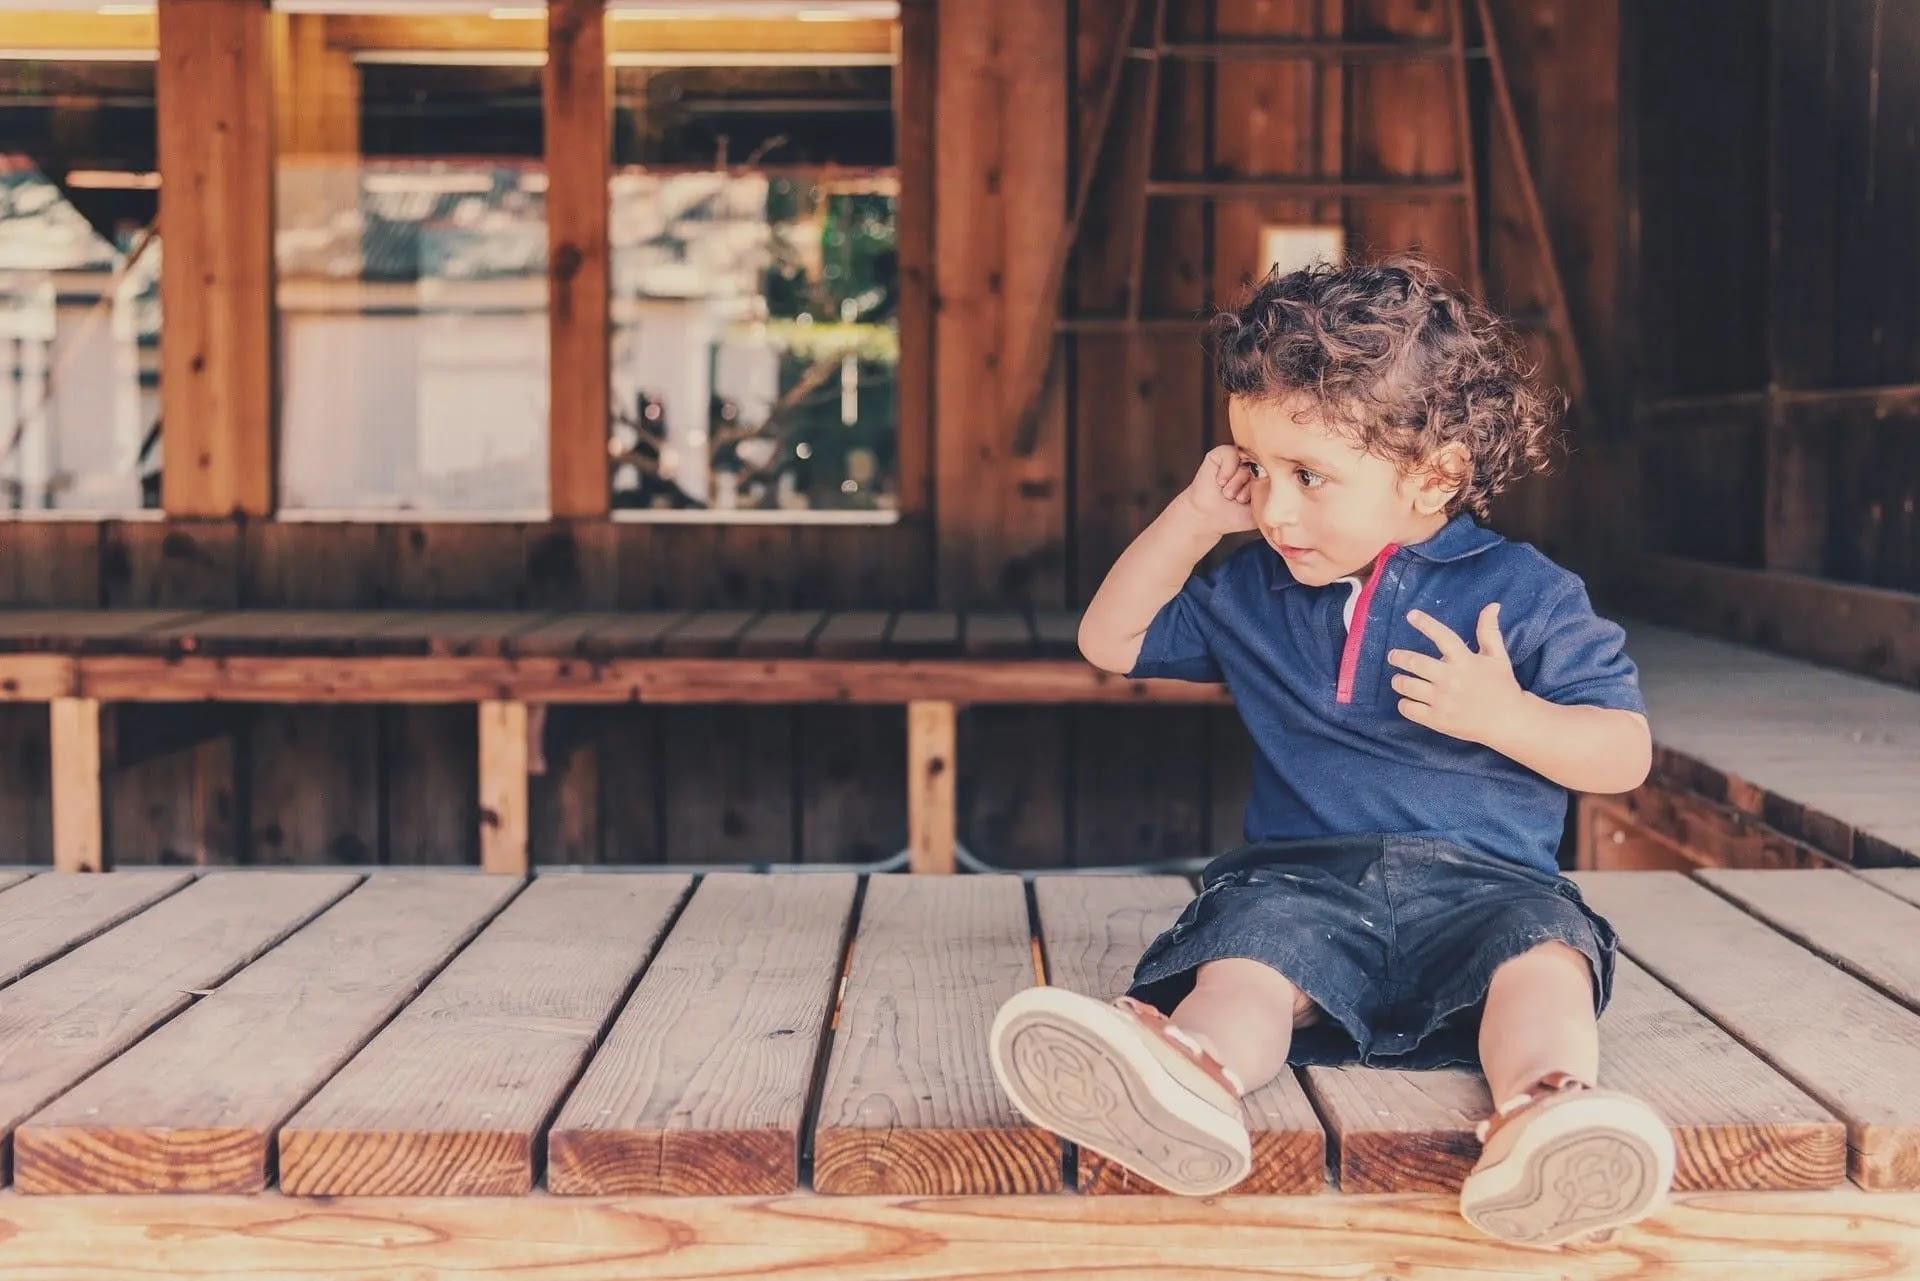 التغذية المثالية للأطفال لنمو صحي-نحو حياة افضل